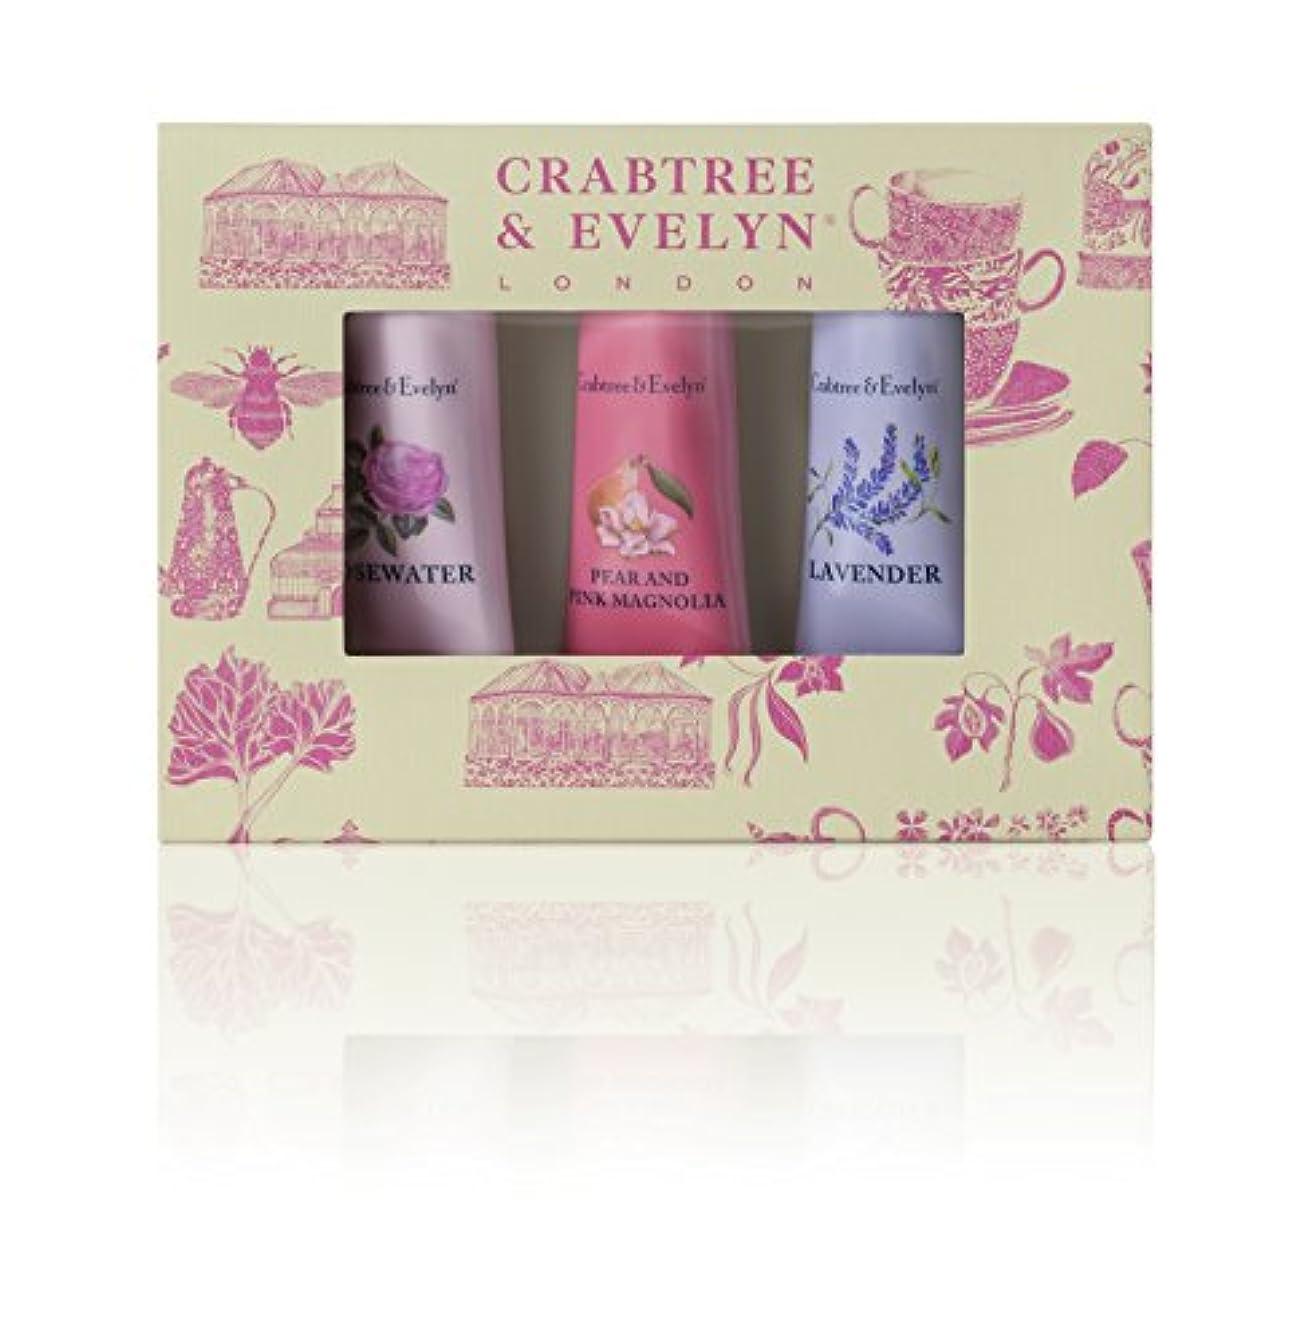 海上アークのヒープクラブツリー&イヴリン Florals Hand Therapy Set (1x Pear & Pink Magnolia, 1x Rosewater, 1x Lavender) 3x25g/0.9oz並行輸入品